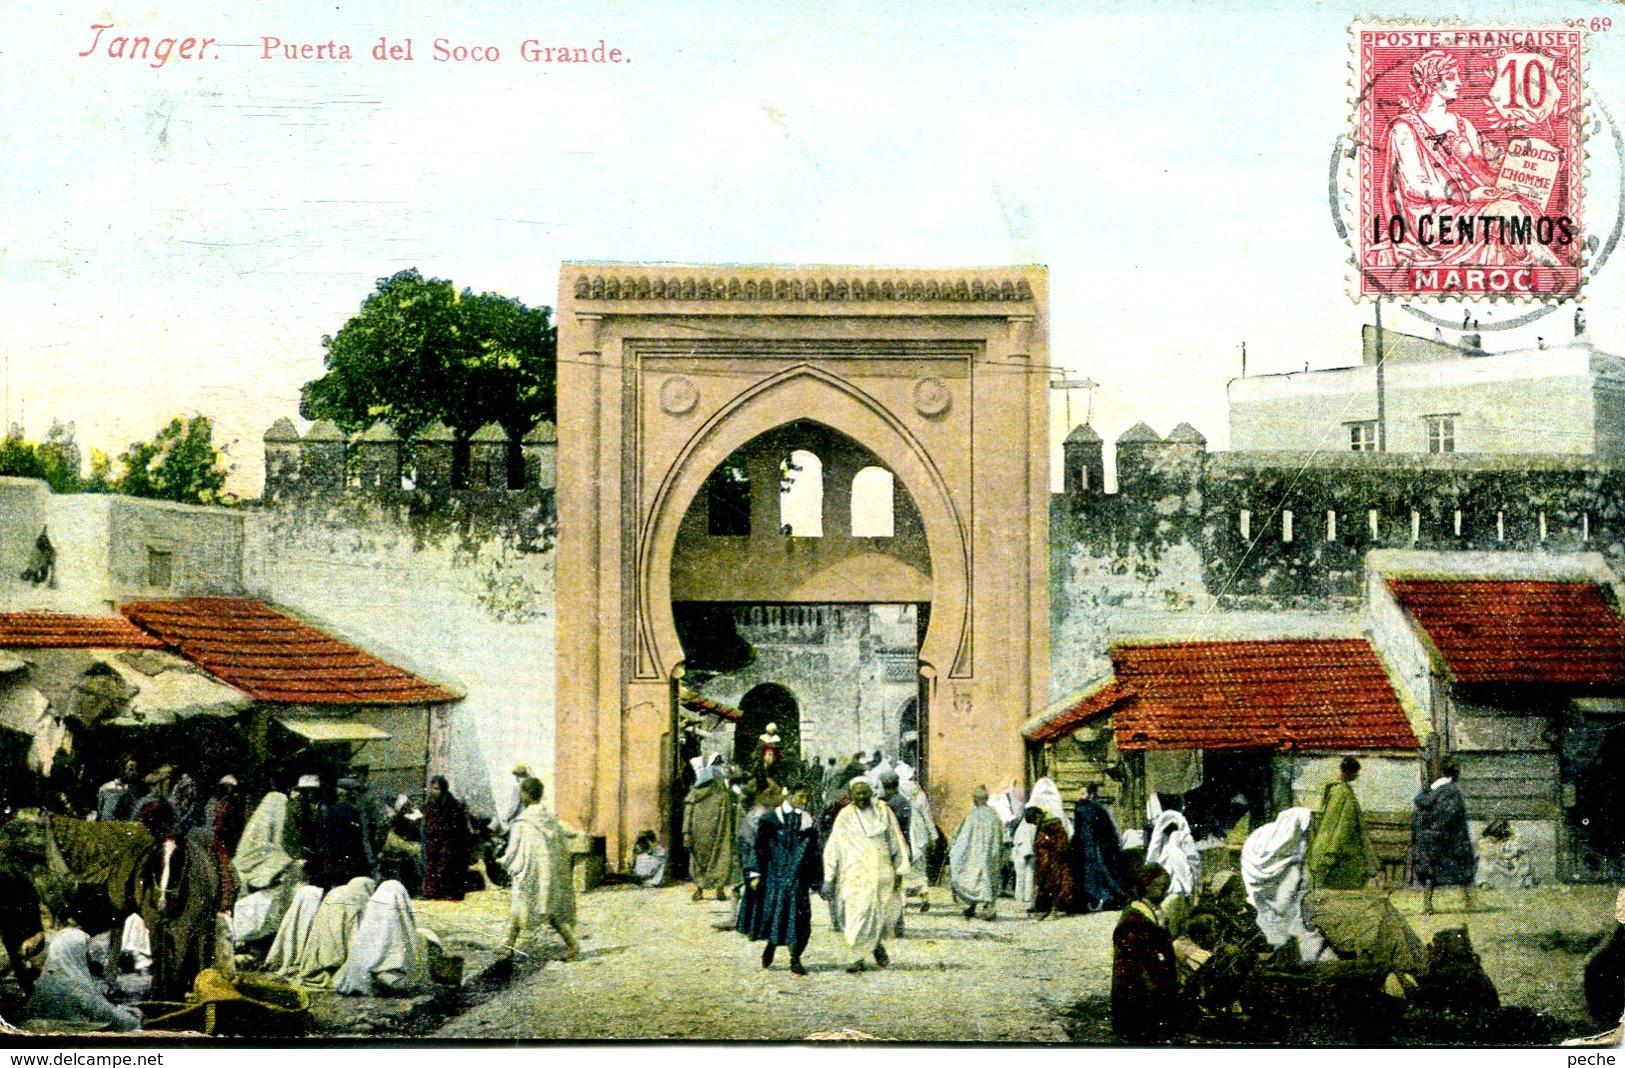 N°78107 -cpa Tanger -Puerta Del Soco Grande- - Tunisie